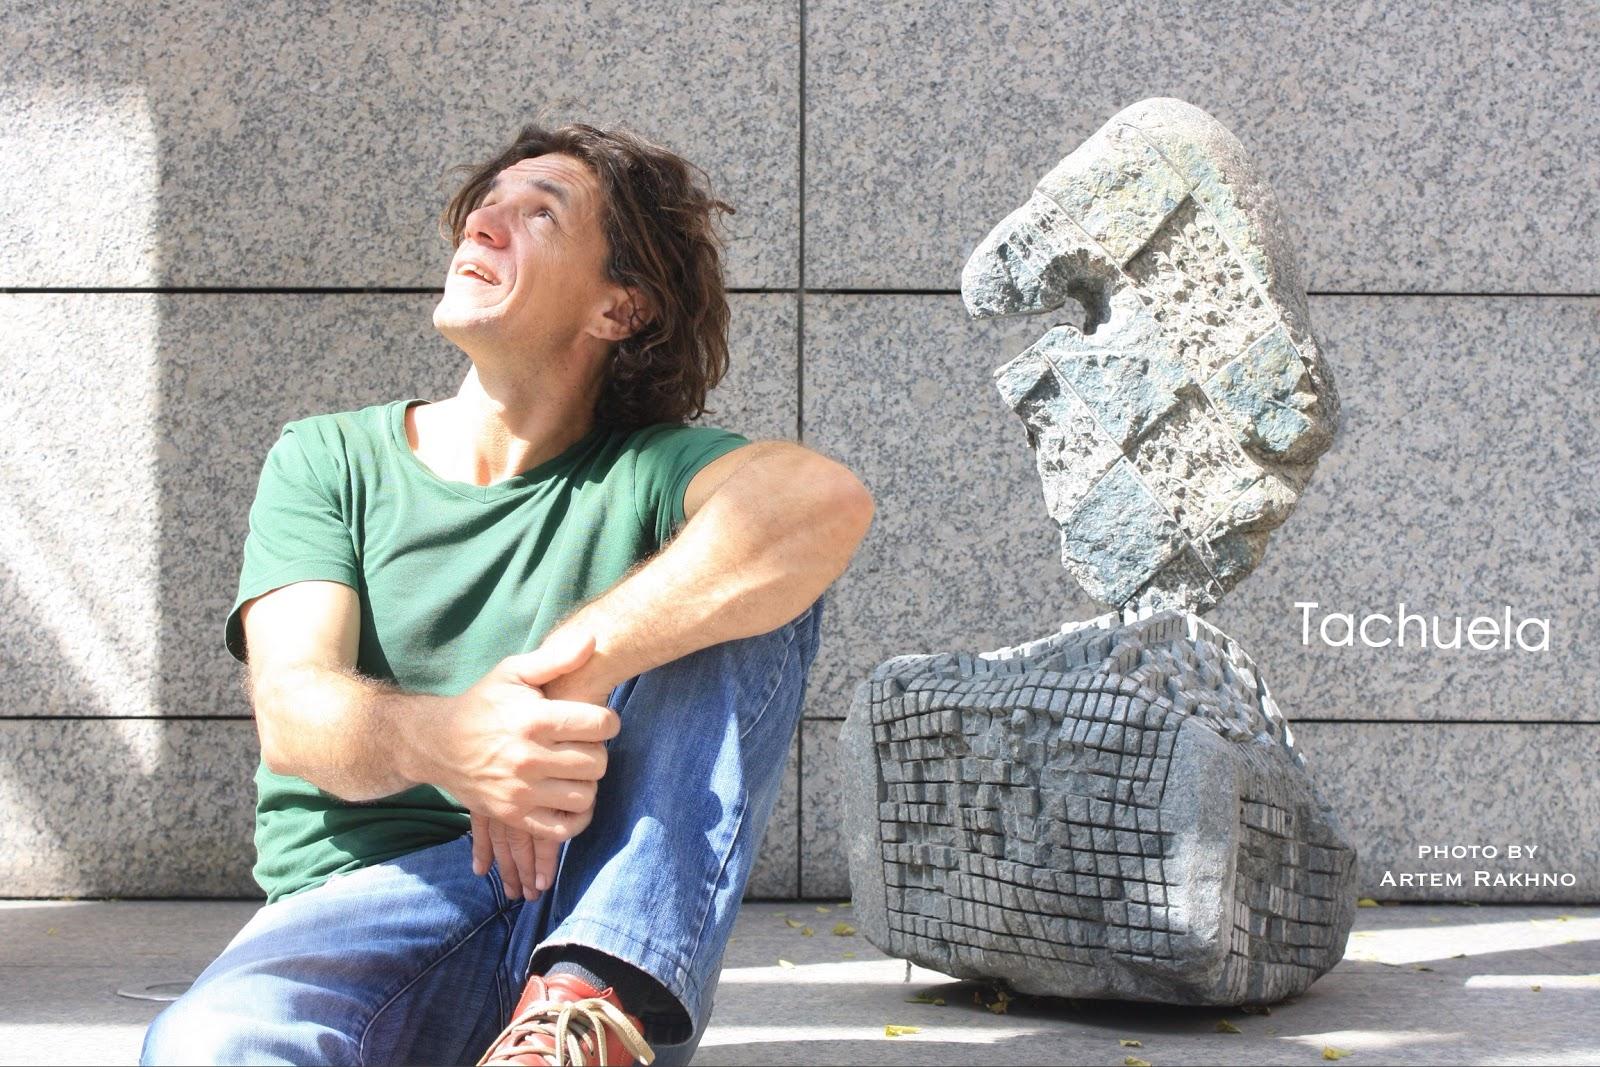 Скульптор Тачуэла.